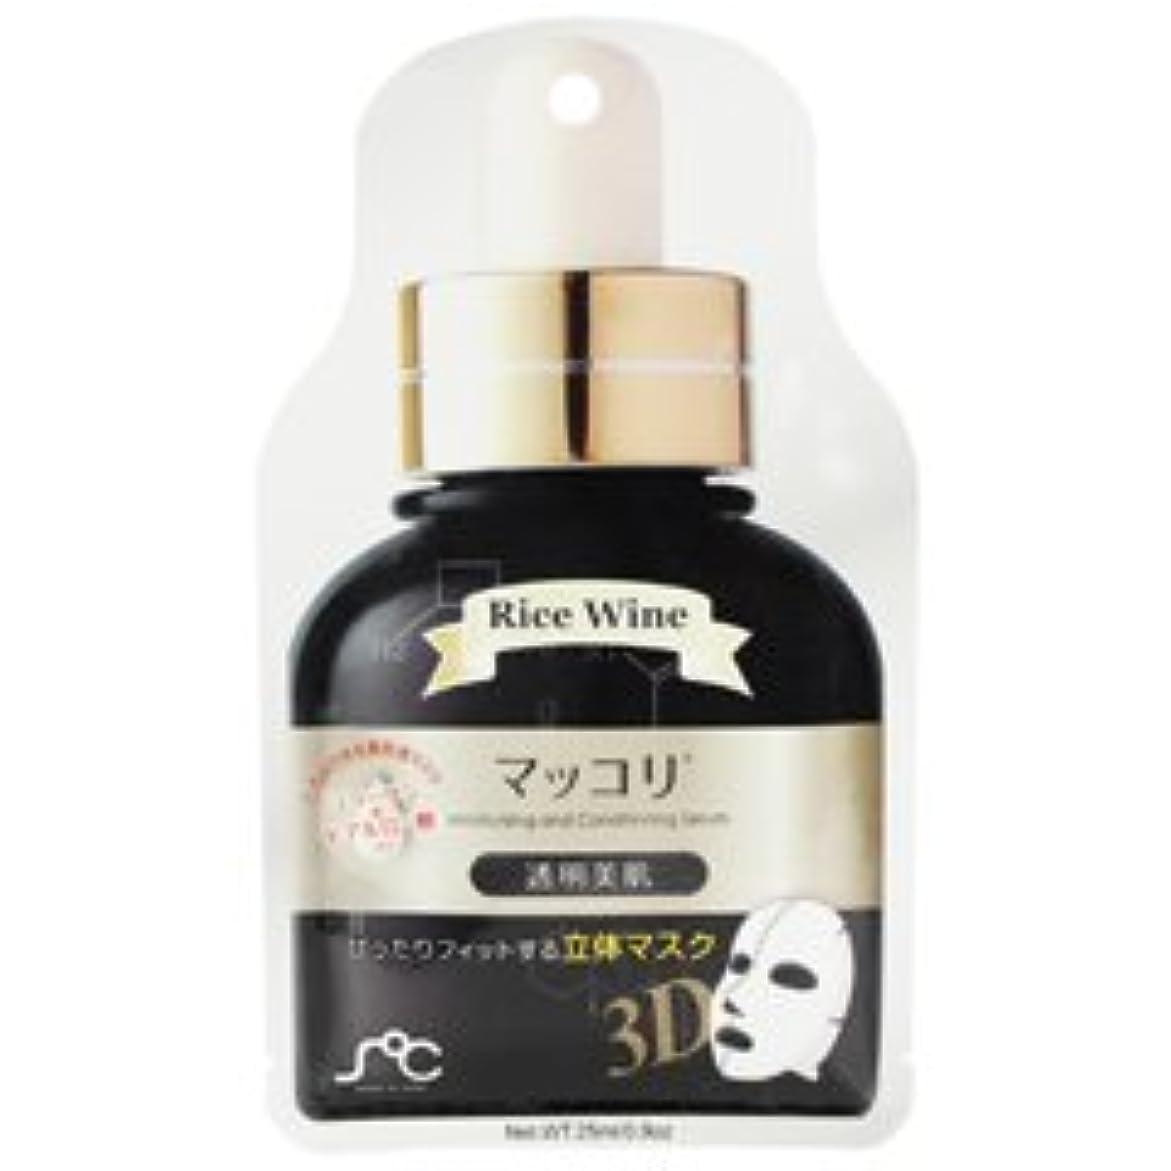 入札メンバーガラガラ【レインボー ビューティ】SOC 3D 美容液 フェイスマスク マッコリ 25ml [並行輸入品]